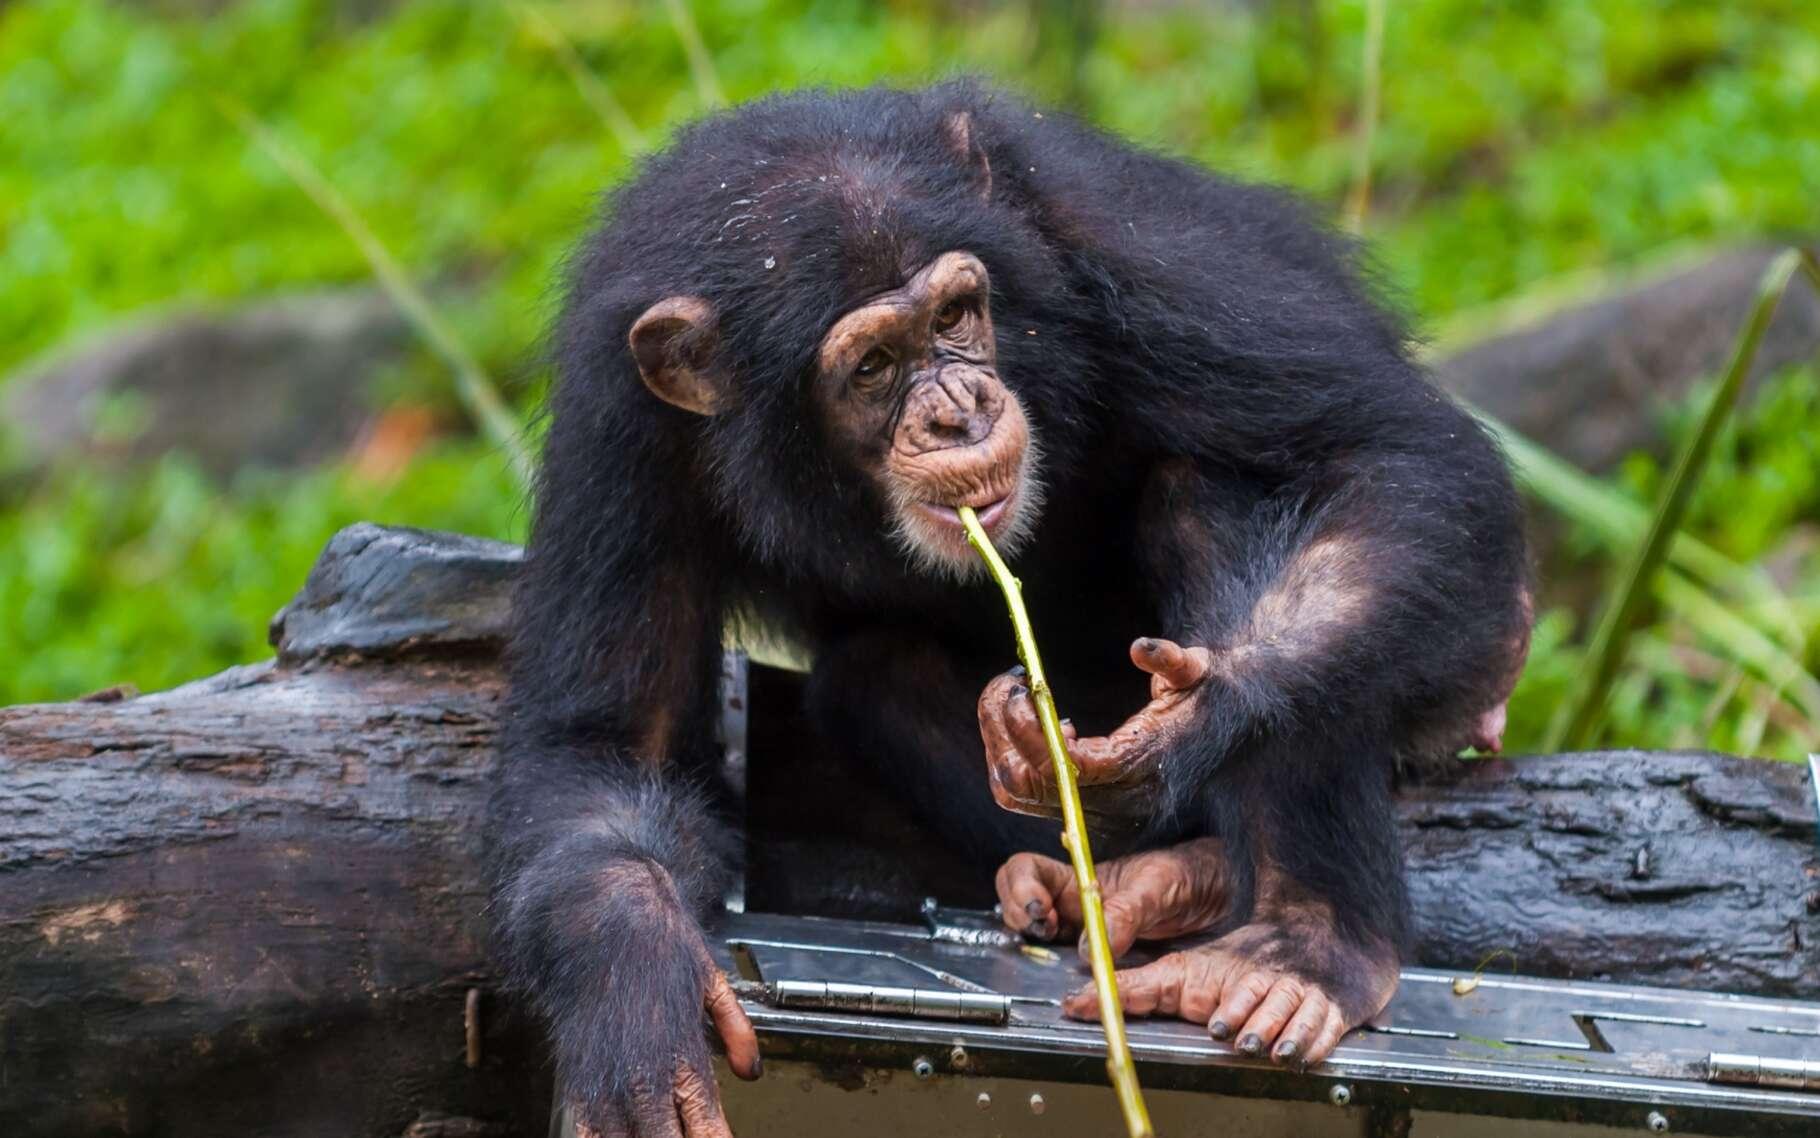 Les chimpanzés fabriquent toutes sortes d'outils et sont capables de transmettre ce genre de savoir-faire à leur descendance. Il y a là, donc, un début de ce que nous appelons la culture. © Vincent St. Thomas, Shutterstock